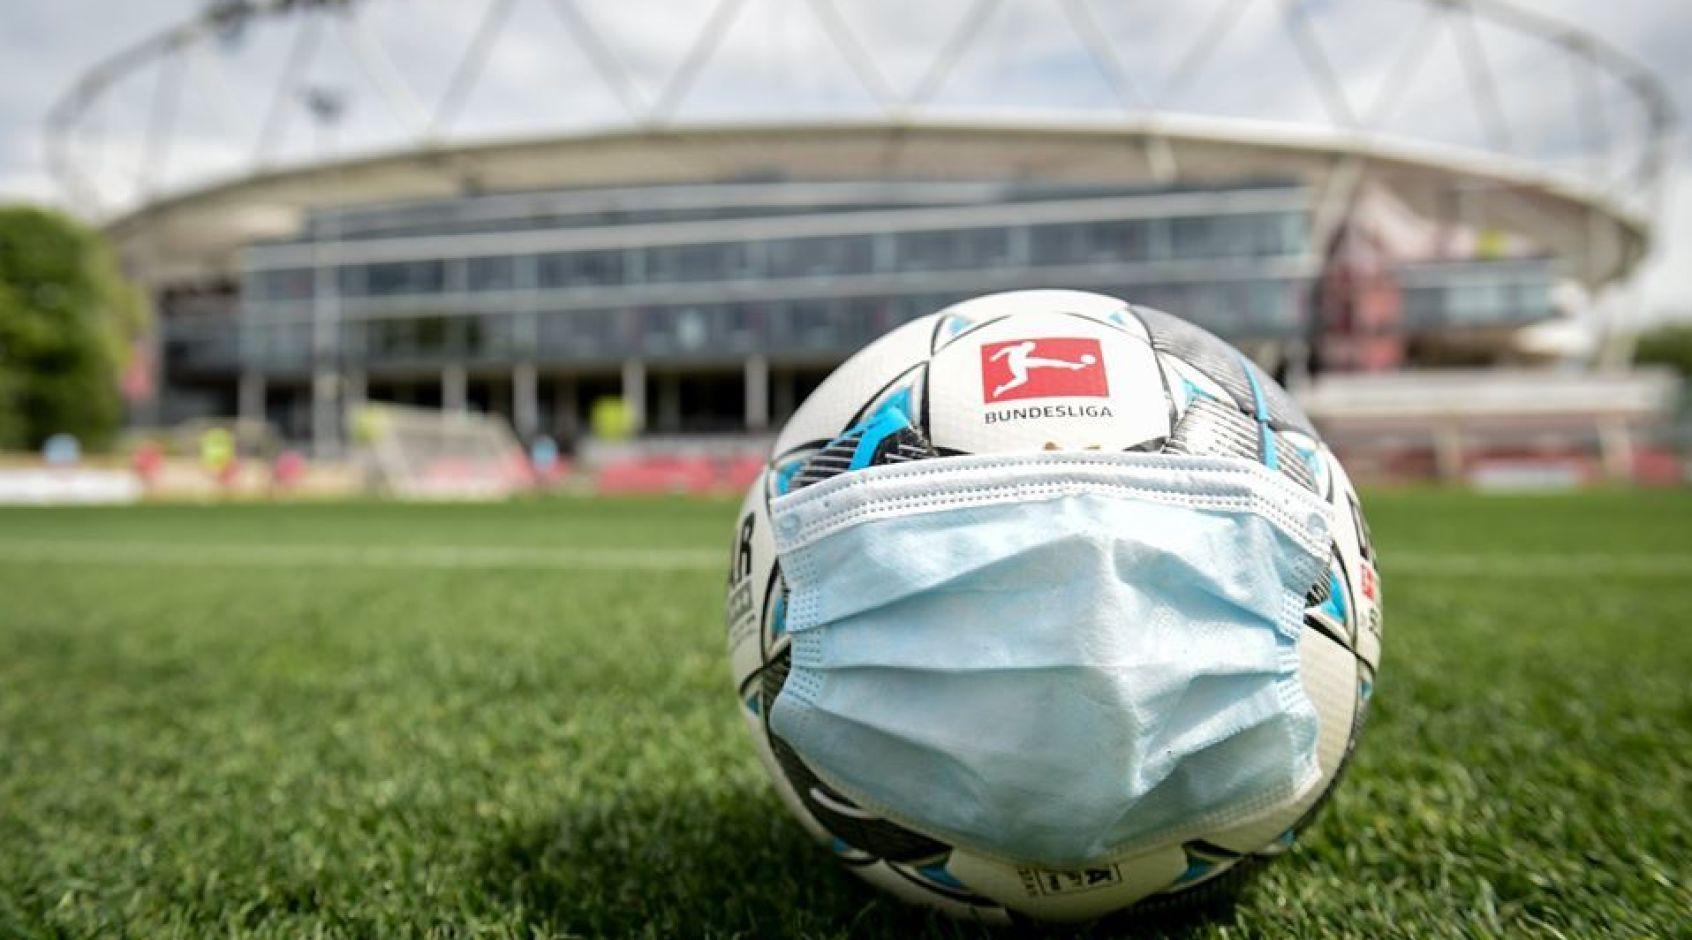 Матчи чемпионата Германии в ноябре пройдут без зрителей